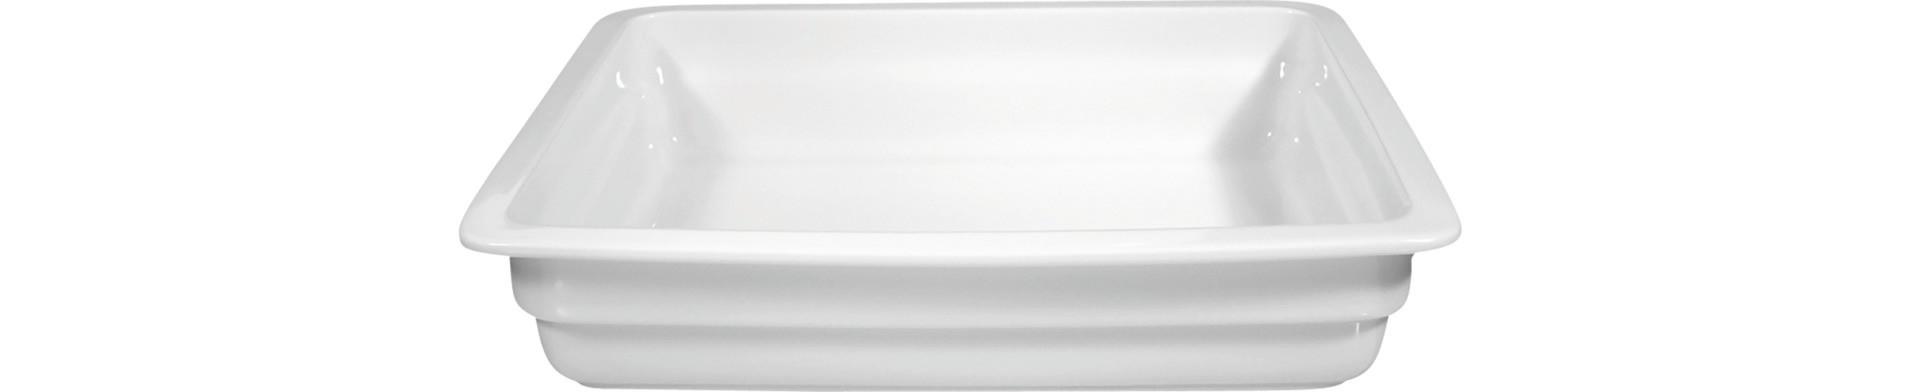 Buffet Gourmet, GN-Behälter GN 1/2 325 x 265 x 65 mm / 3,30 l